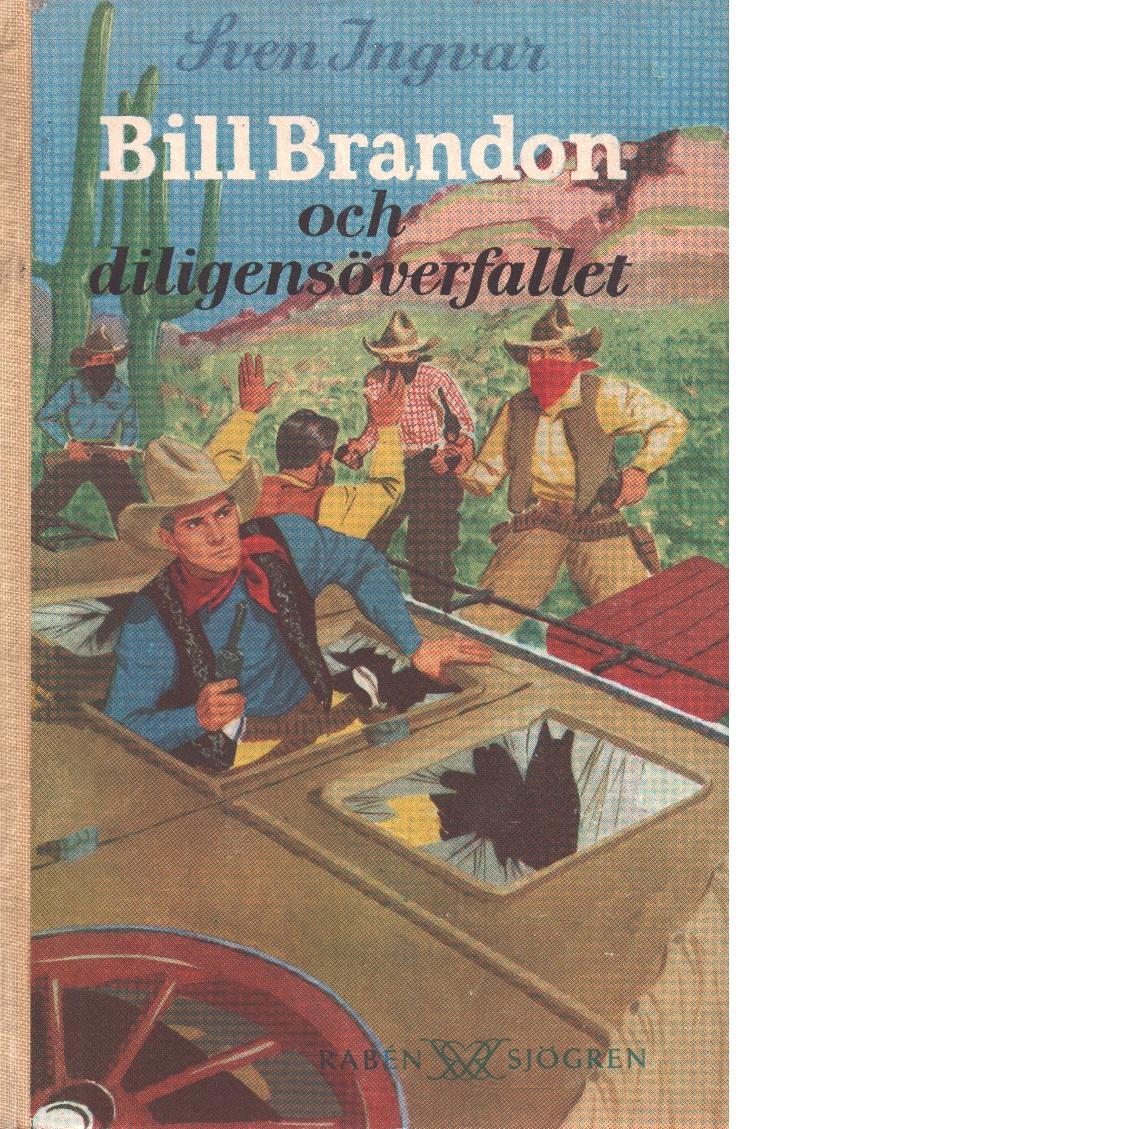 Bill Brandon och diligensöverfallet - Ingvar, Sven